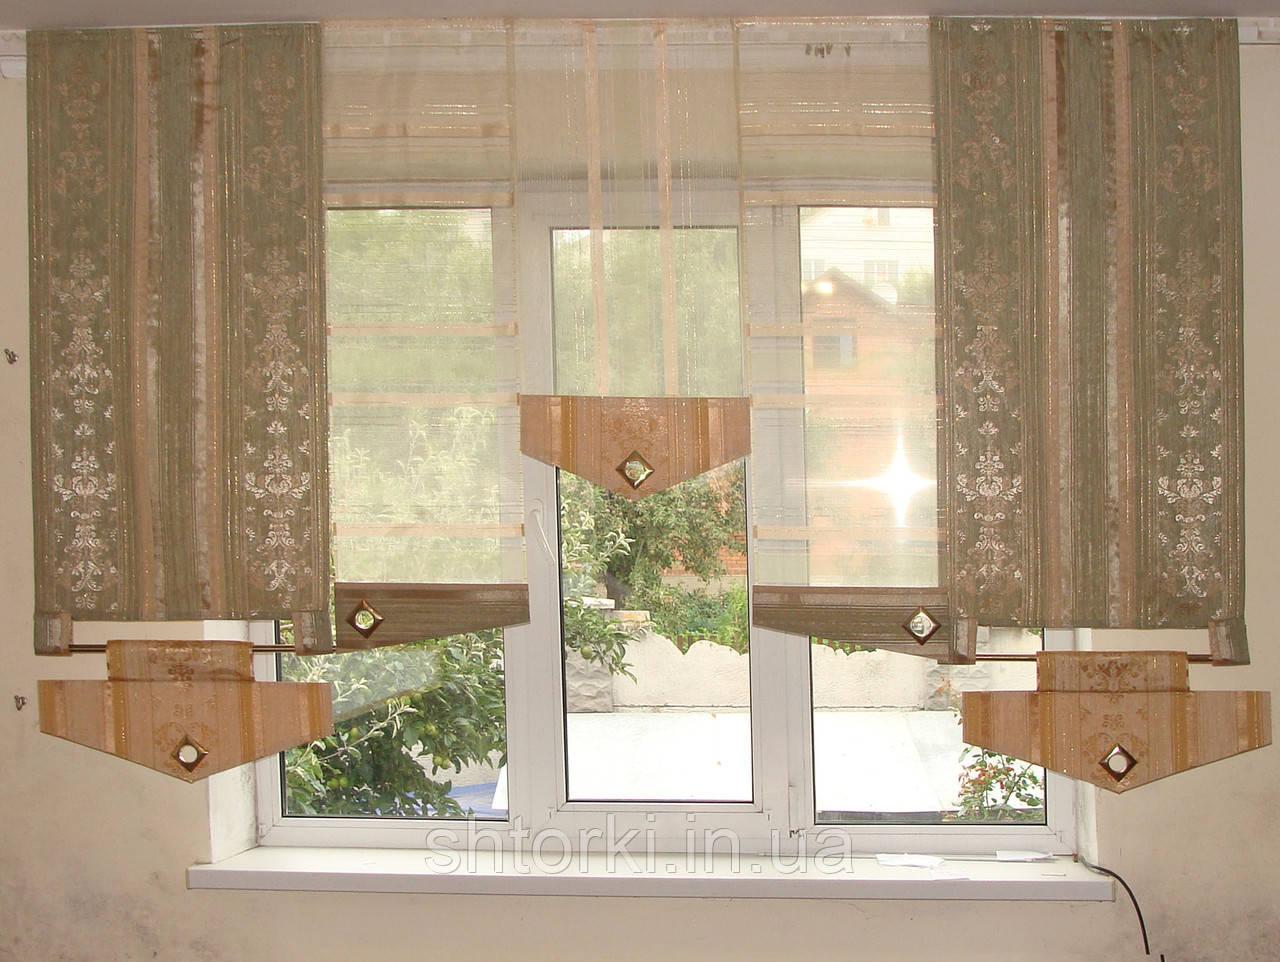 Комплект панельных шторок оливковые, фисташковые, 2м